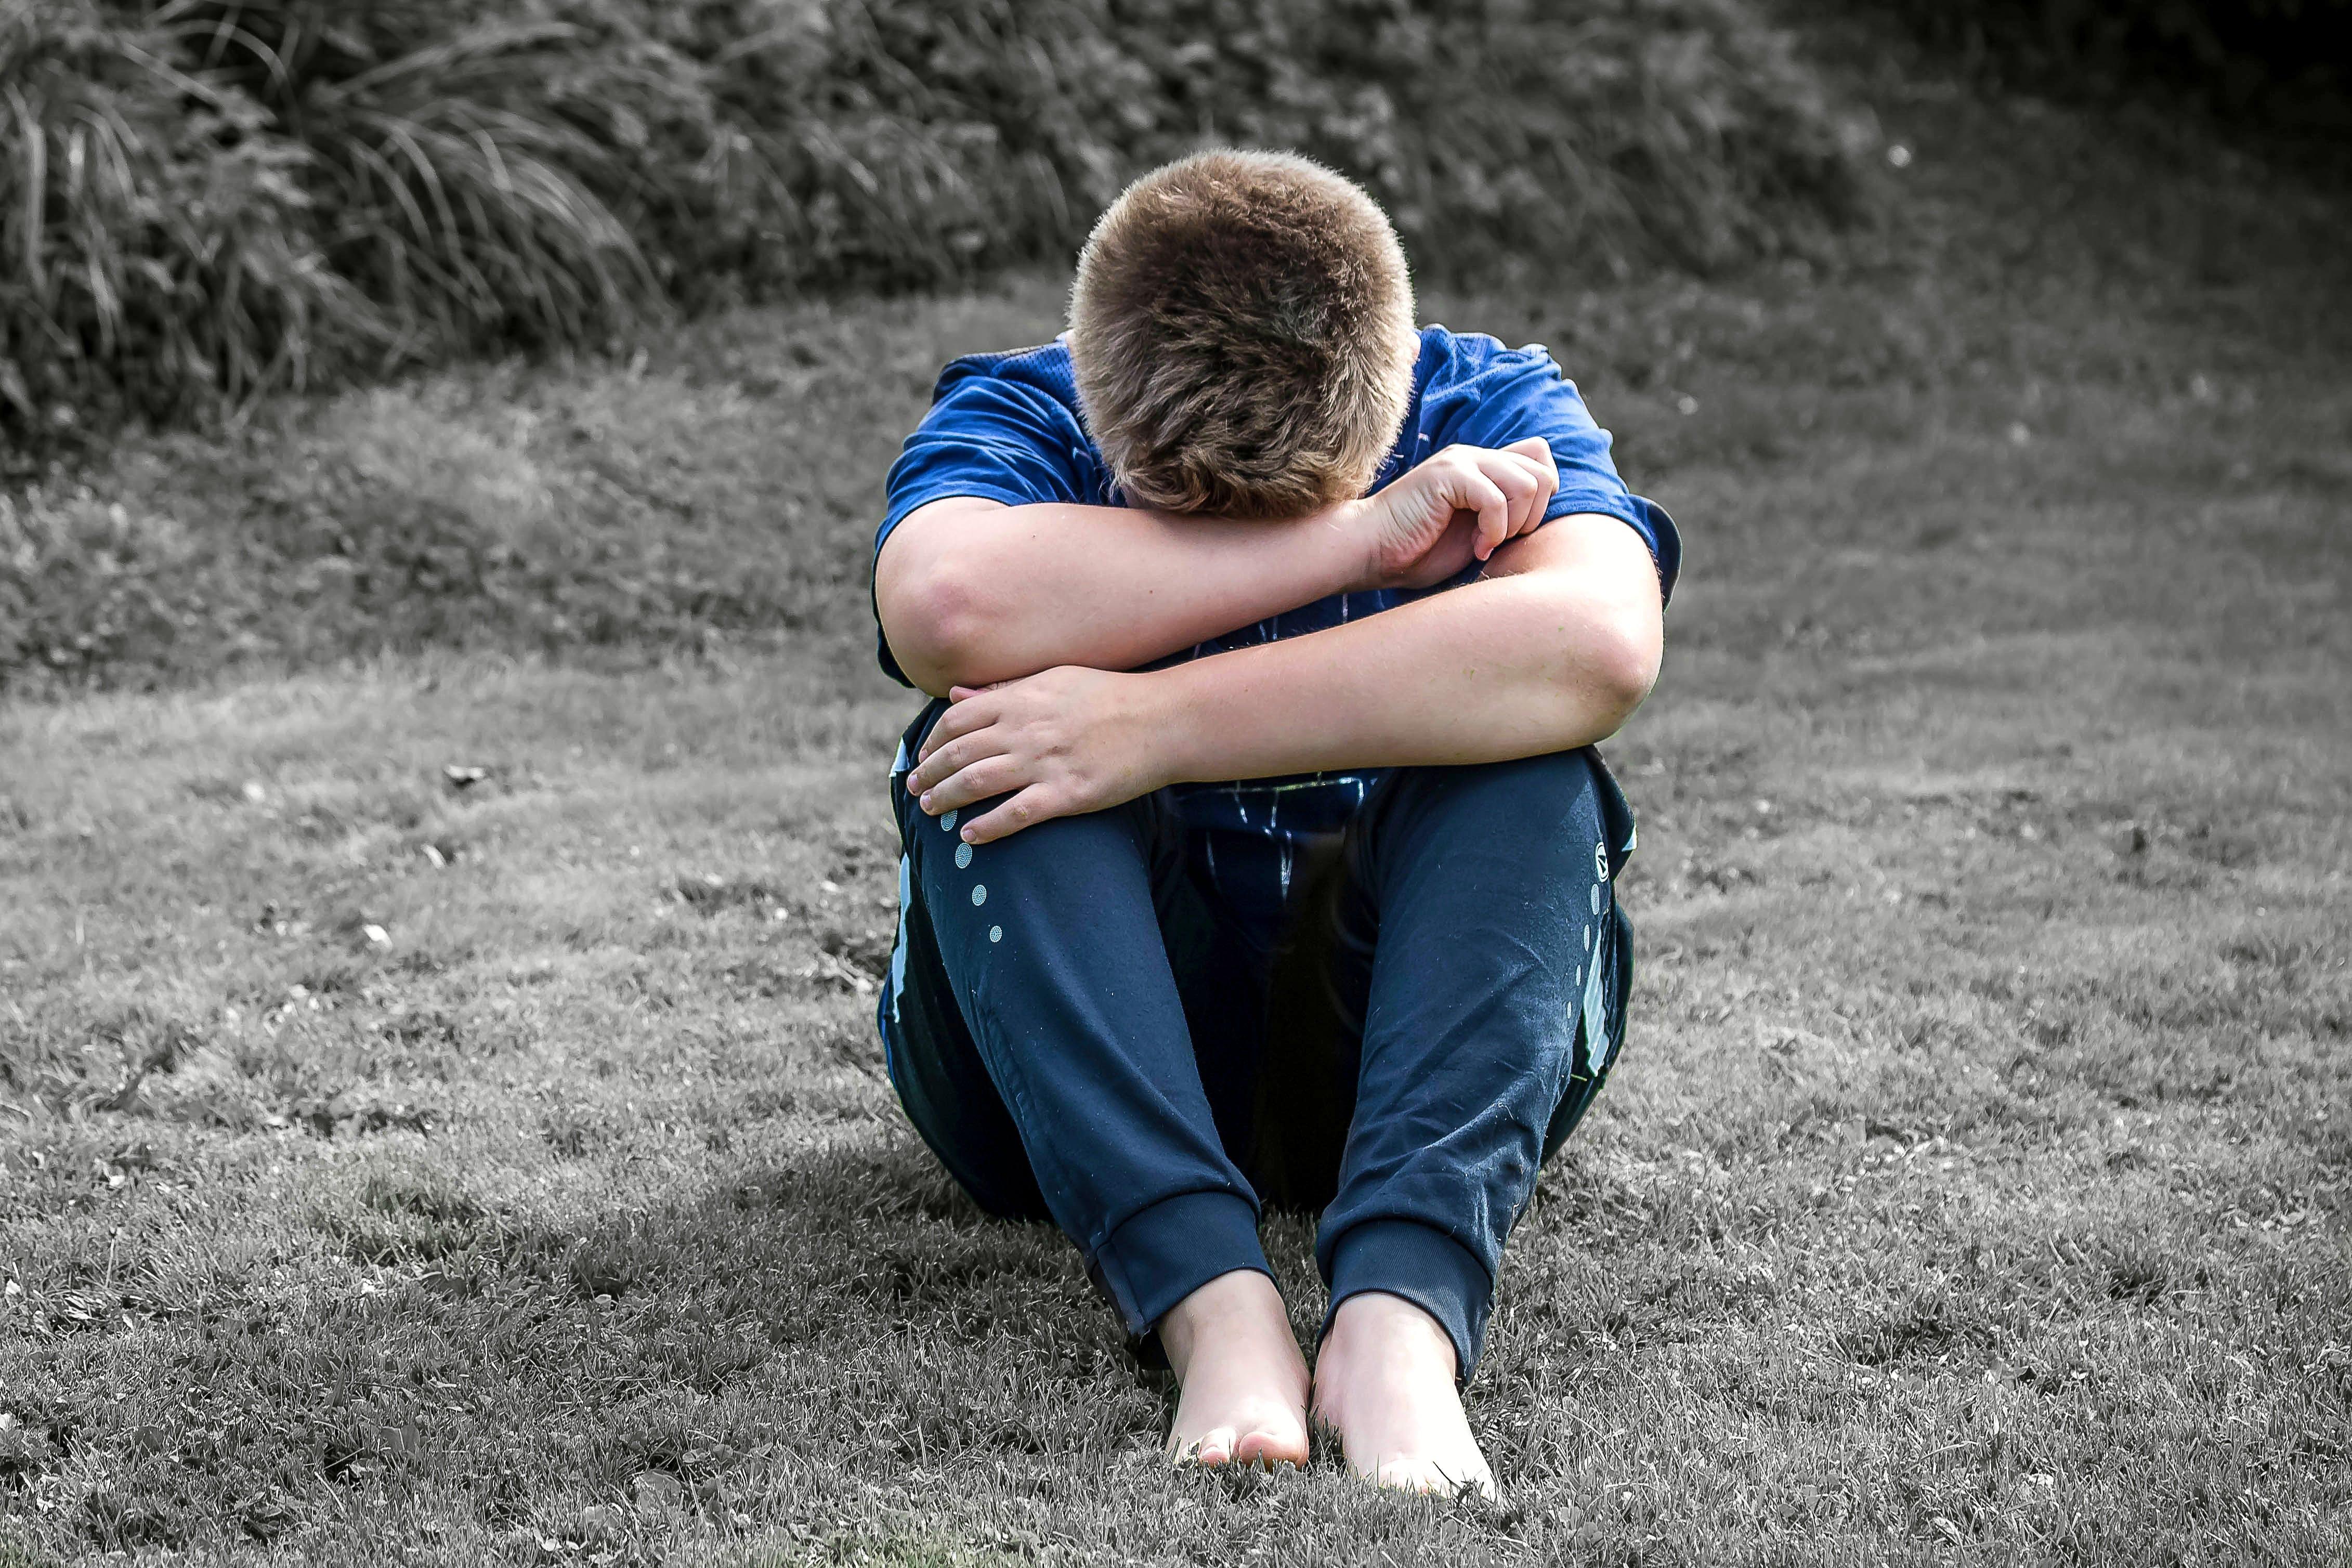 Mann sitzt weinend auf Boden | Quelle: Pexels